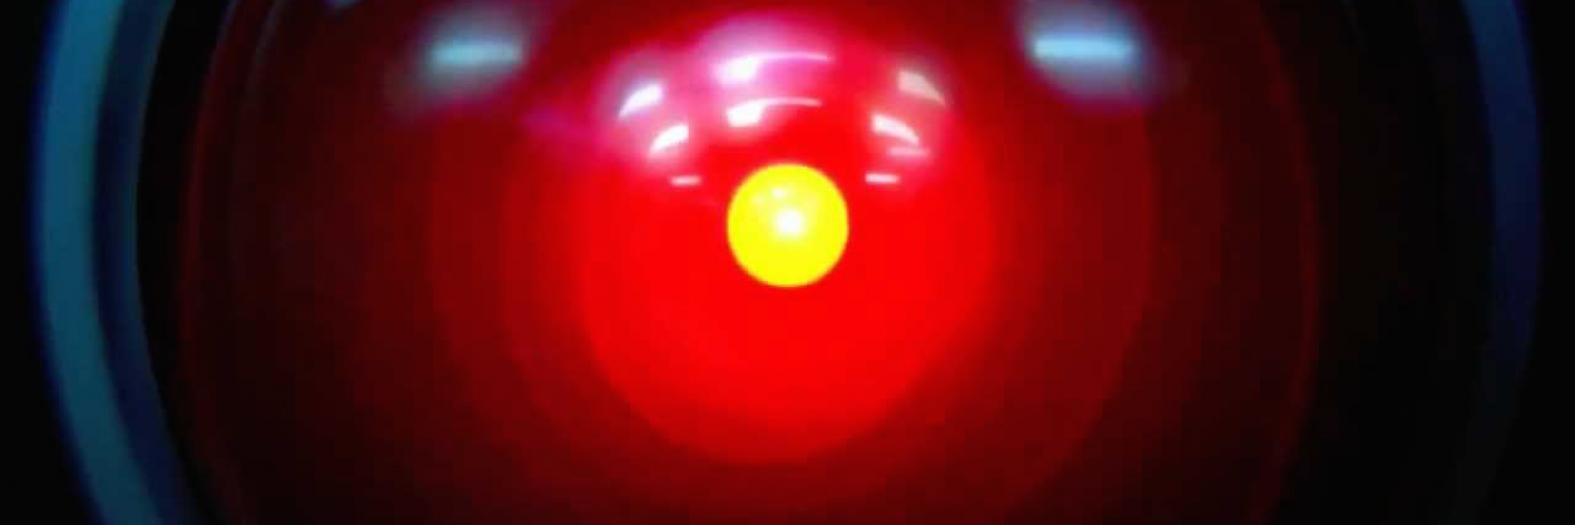 Like HAL, but nicer